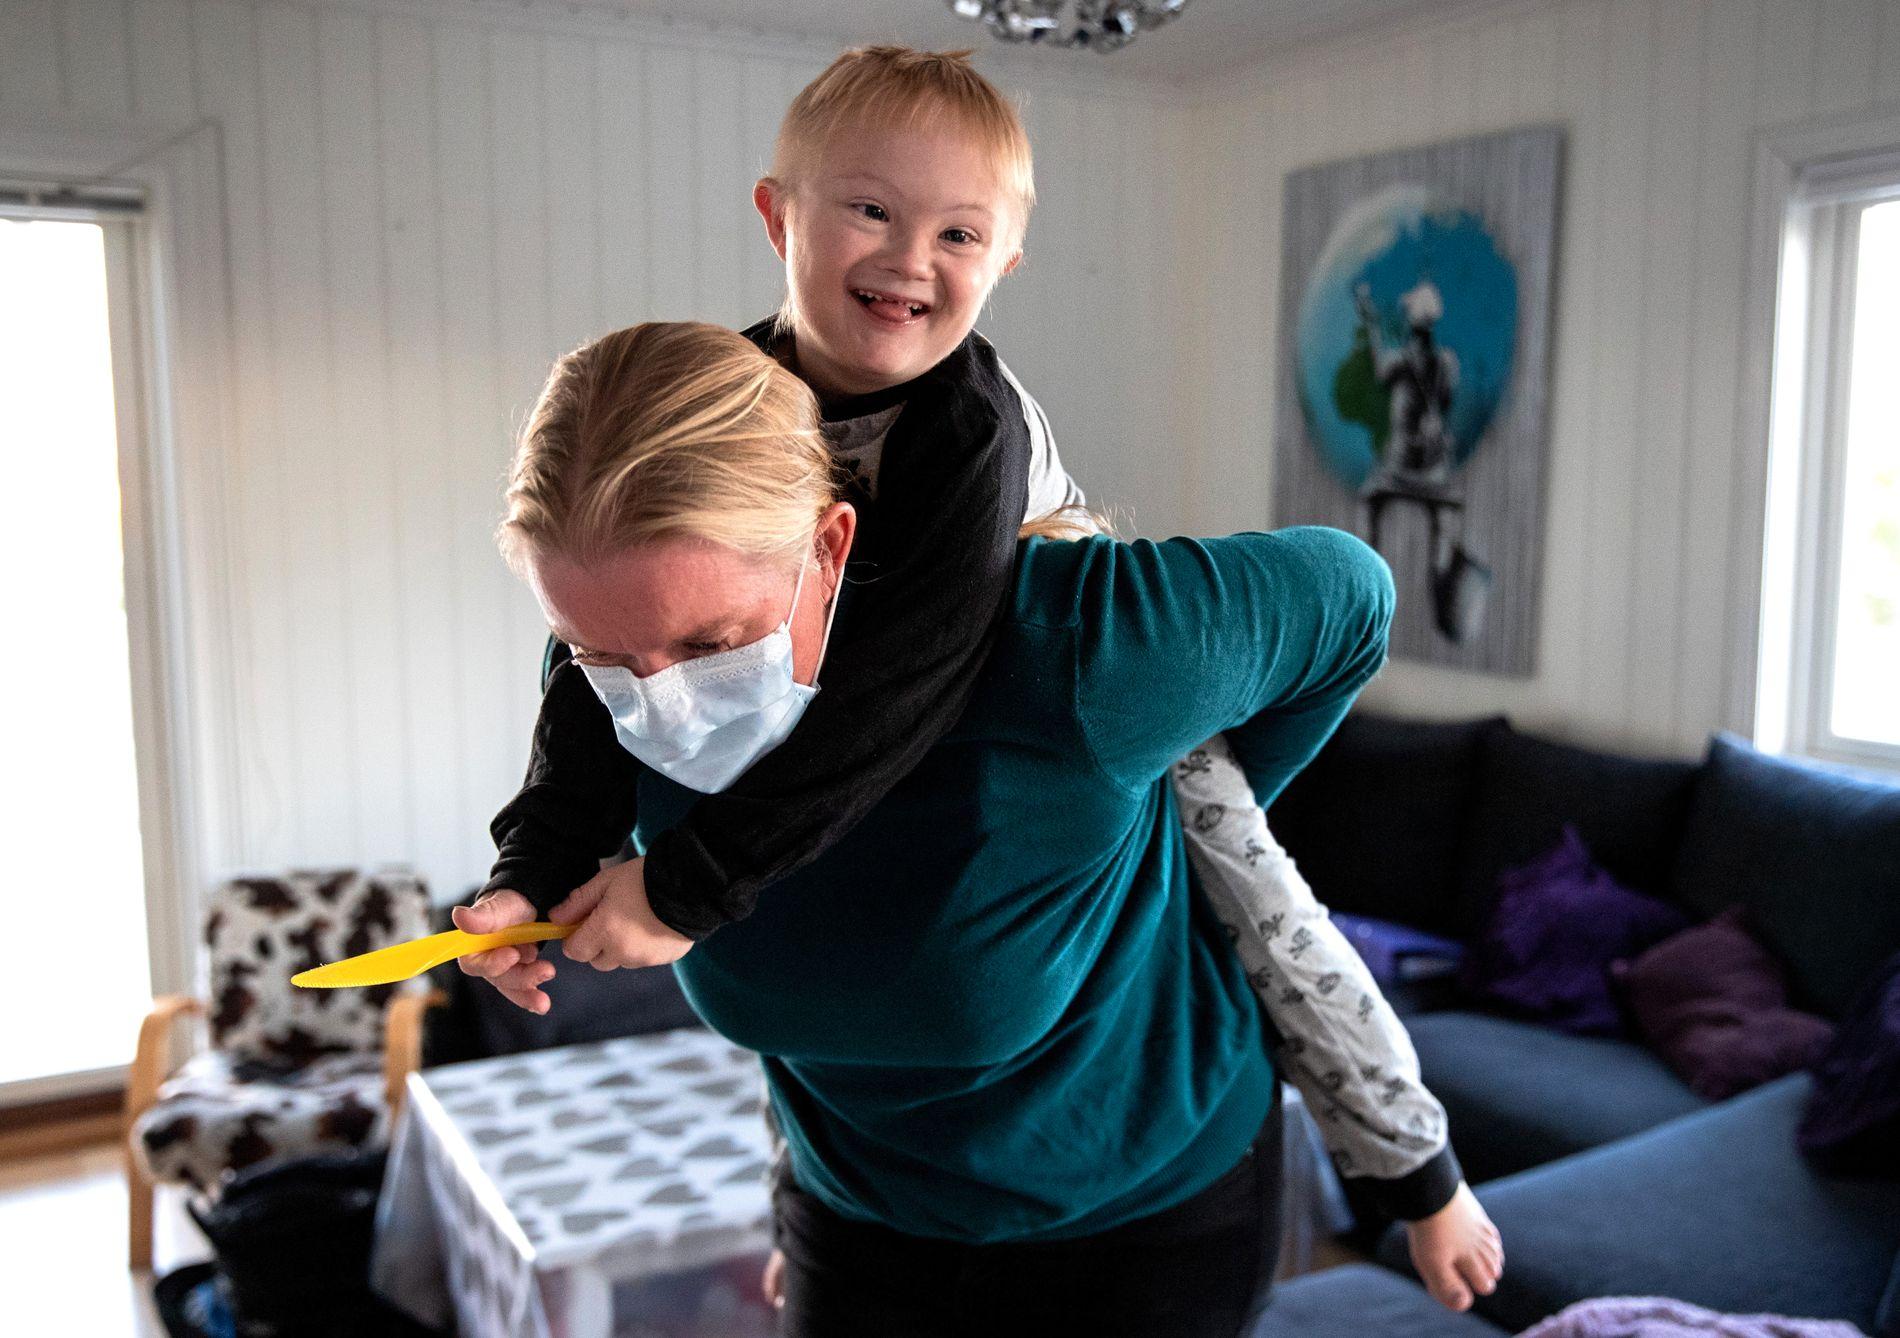 GLAD GUTT: – Edvan er familiens solstråle, sier Bakkefjord, som jobber som sosionom og har drøye 18 års erfaring fra barnevernstjenesten og barnehabiliteringen.